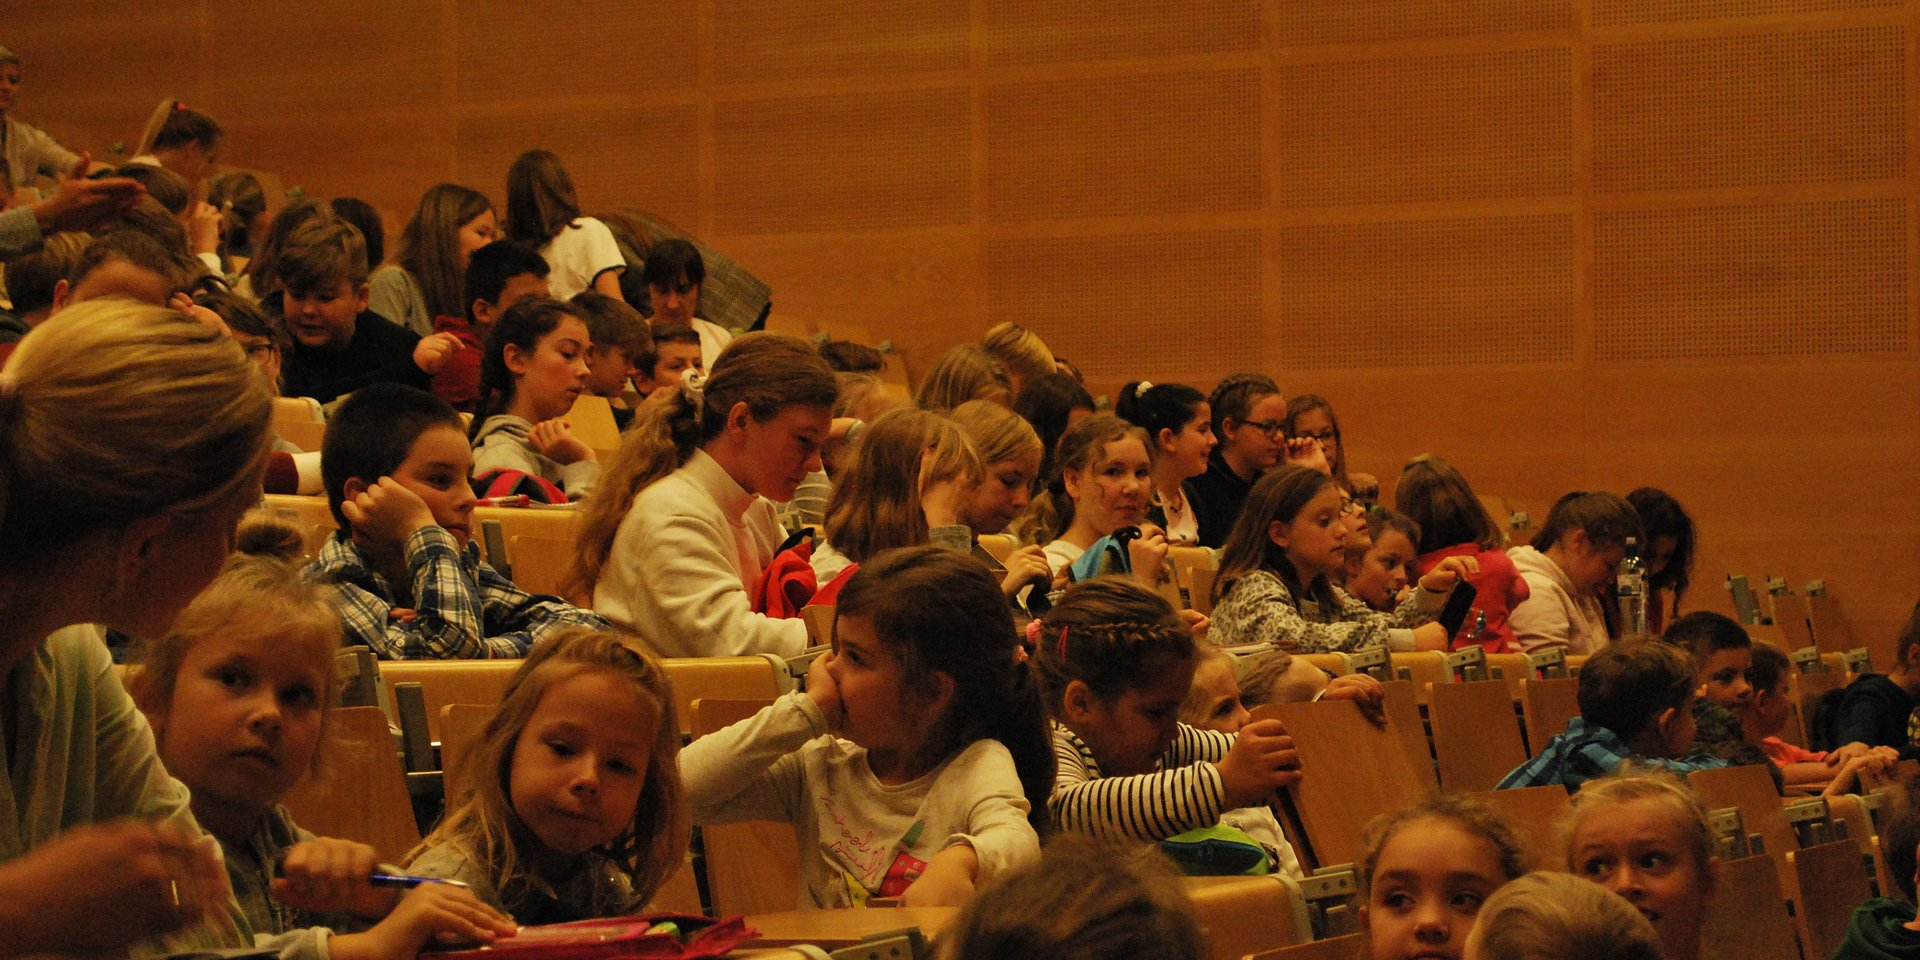 Dzieci dyskutują o ekologii. To nowi studenci w Dolnośląskiej Szkole Wyższej